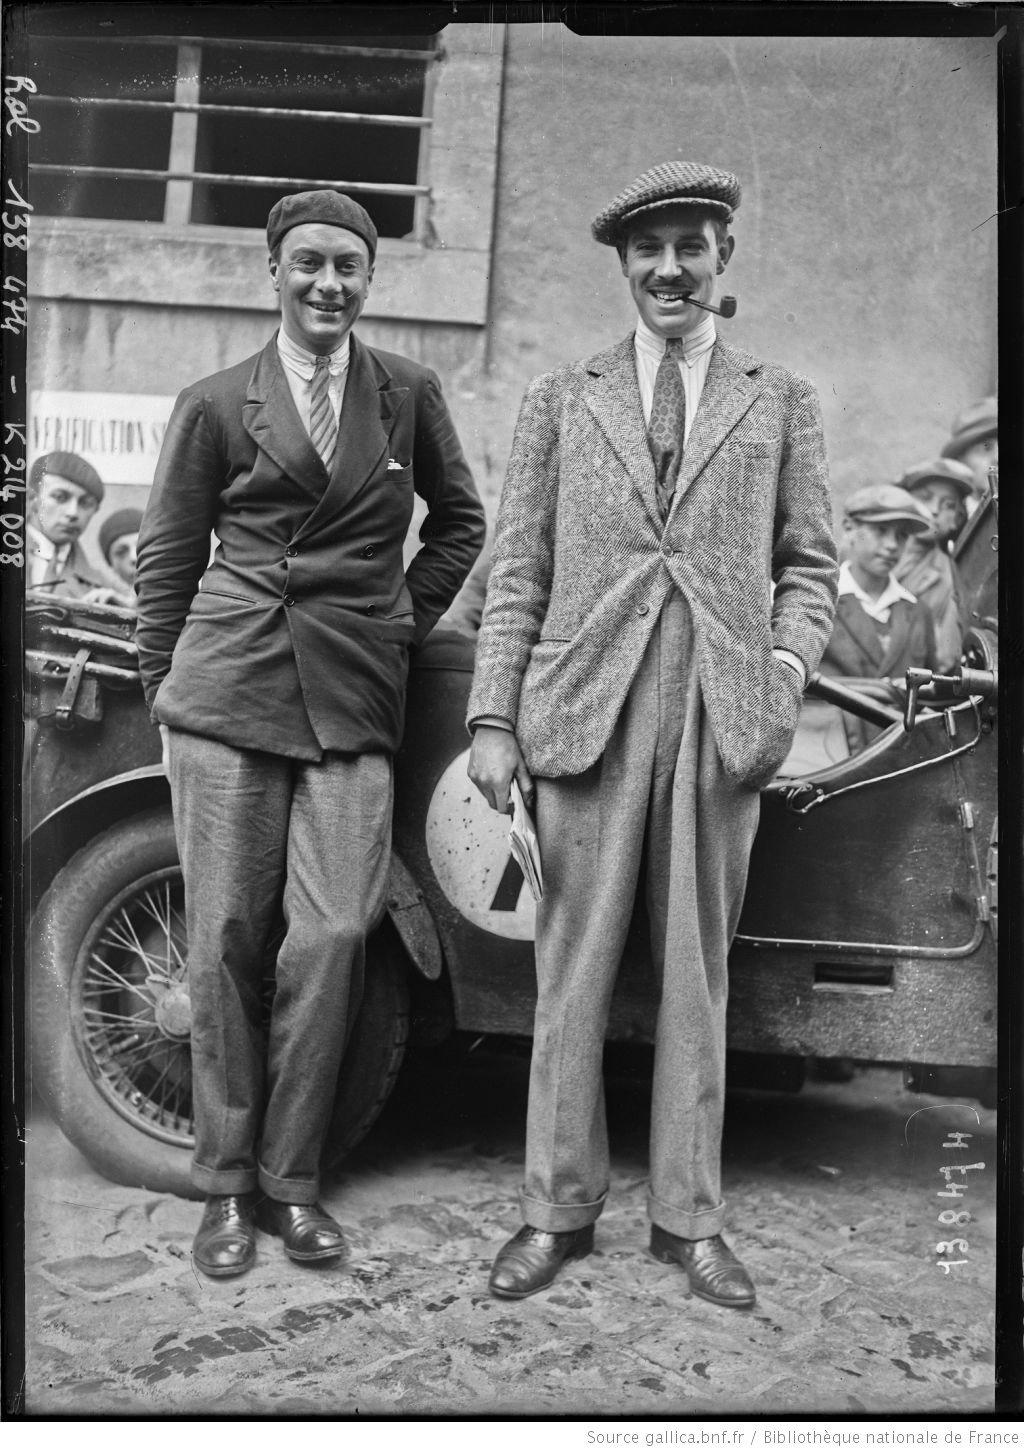 De gauche à droite,] S[aunders]-Davies, Fiennes sur Invicta [coureurs automobiles britanniques, au pesage des 24 h du Mans, le 130629]  [photographie de presse]  [Agence Rol].